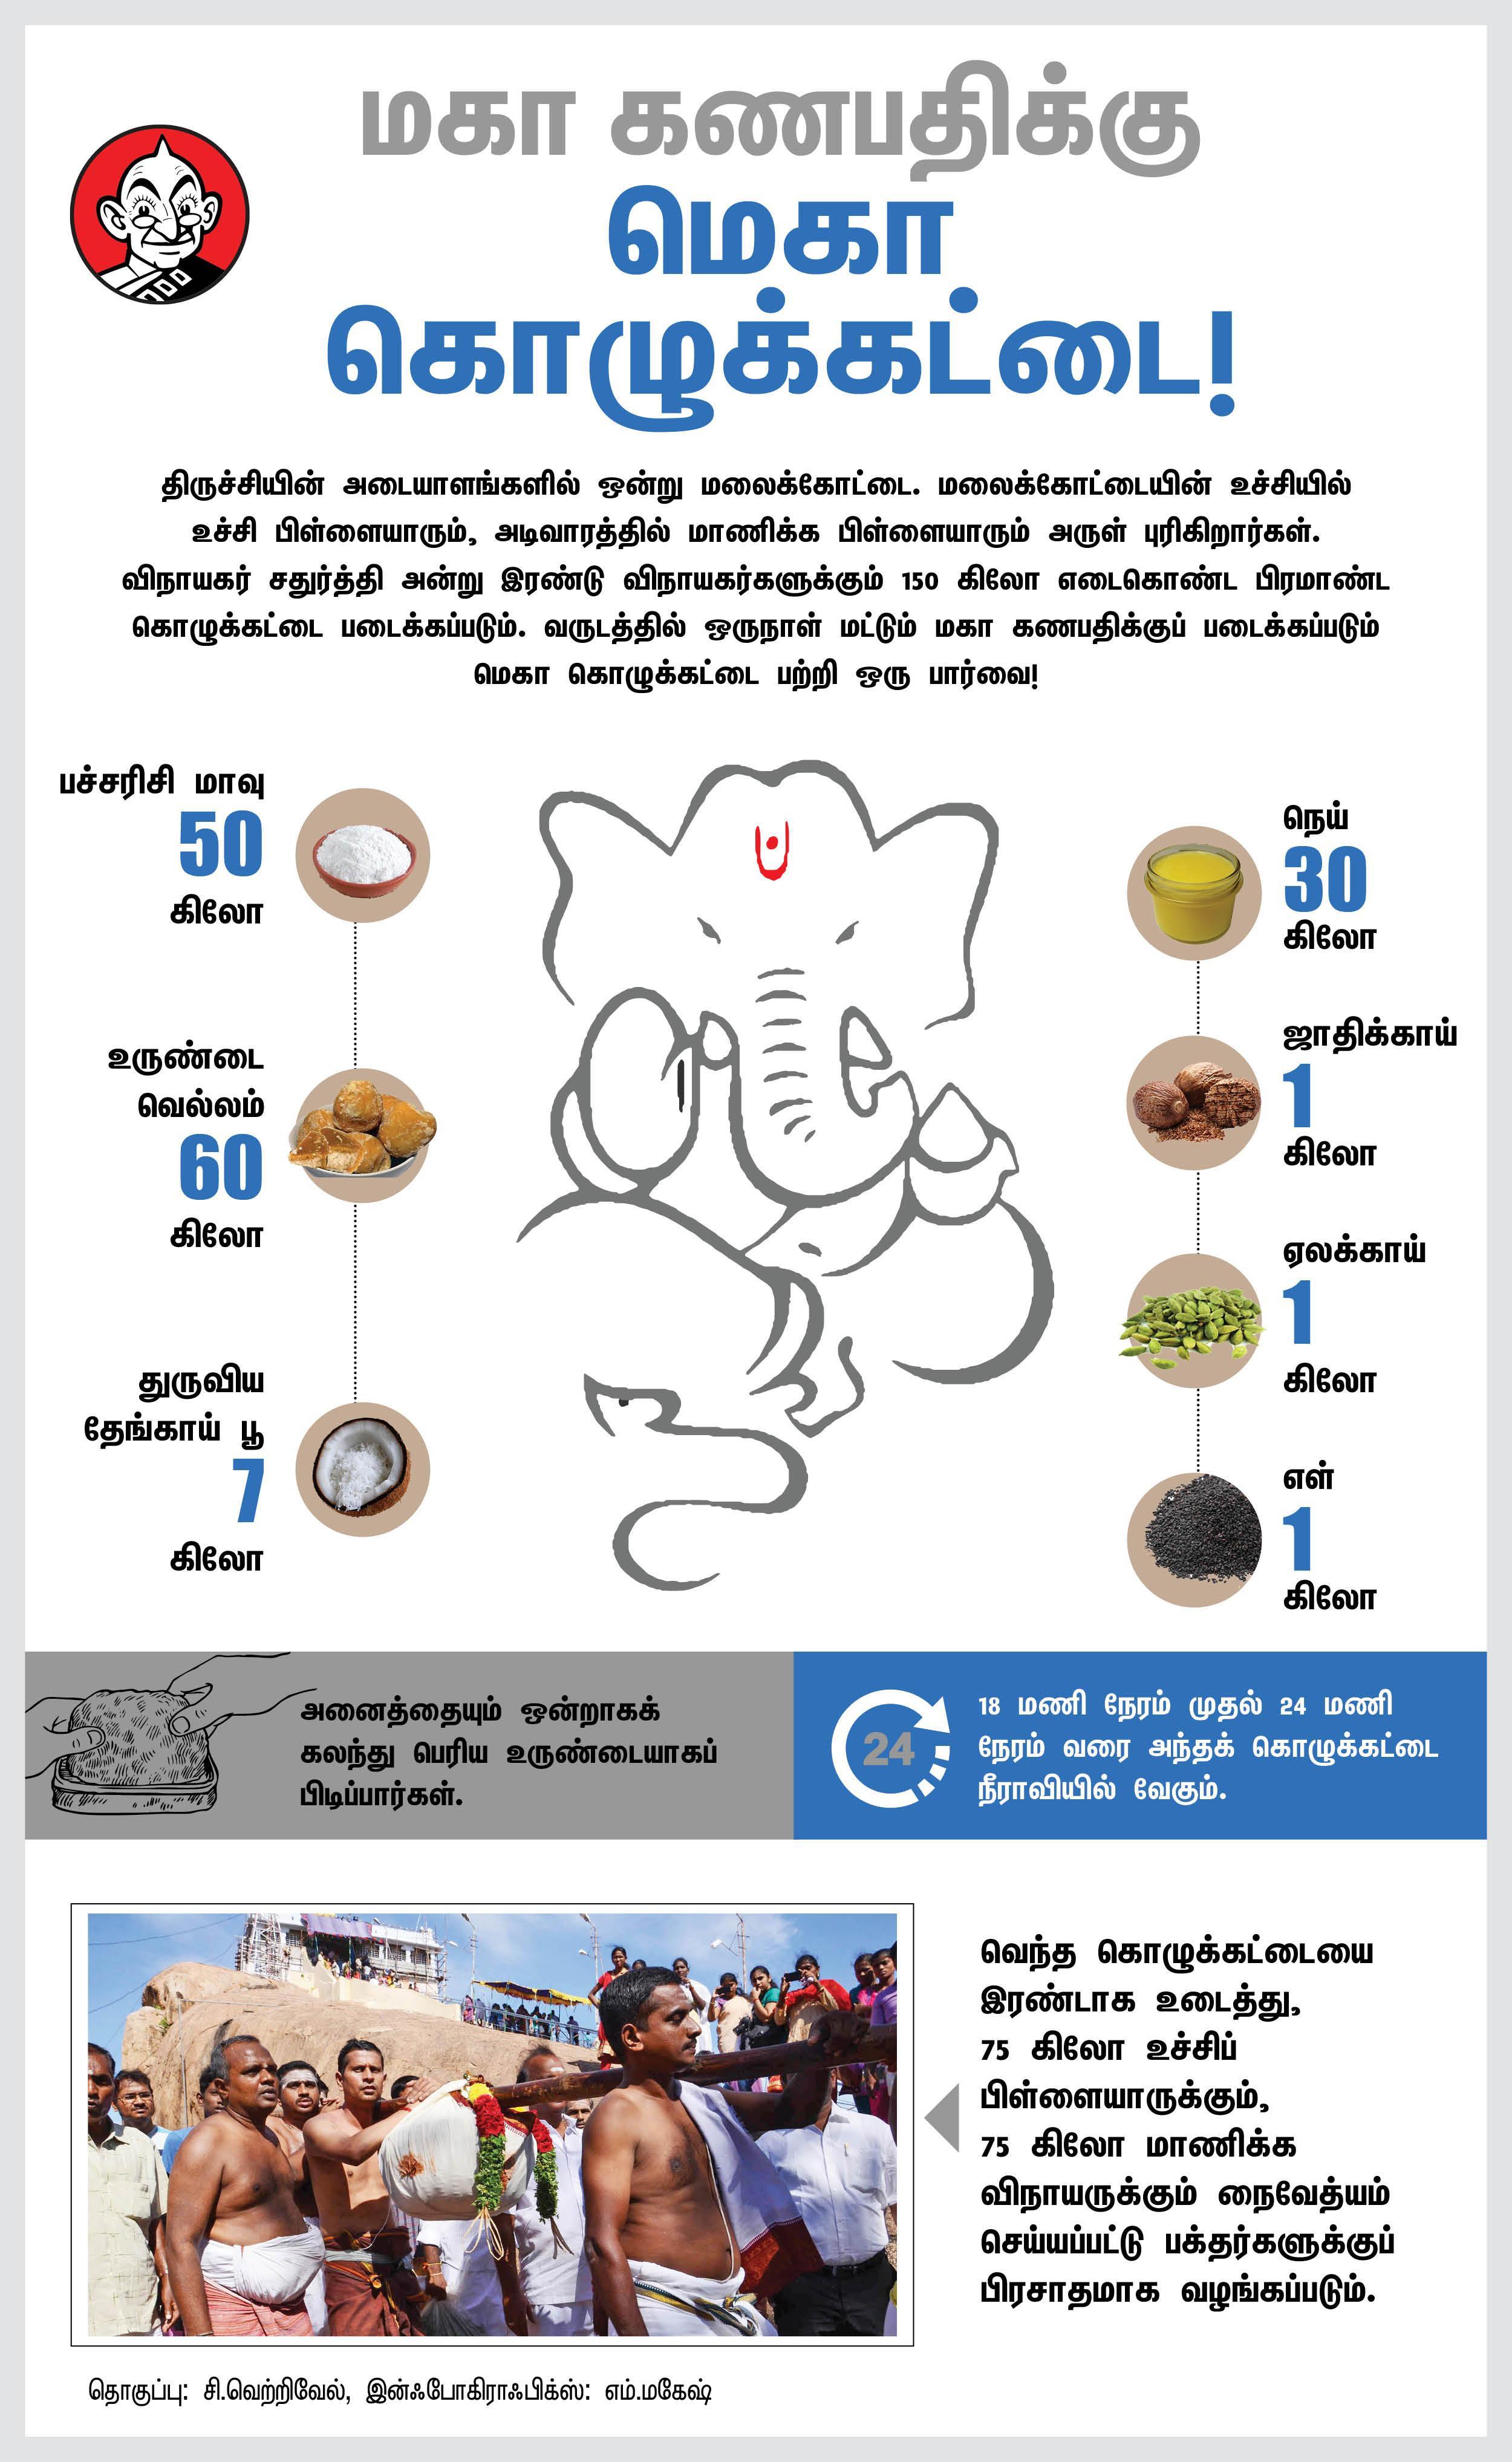 விநாயகர் மெகா கொழுக்கட்டை